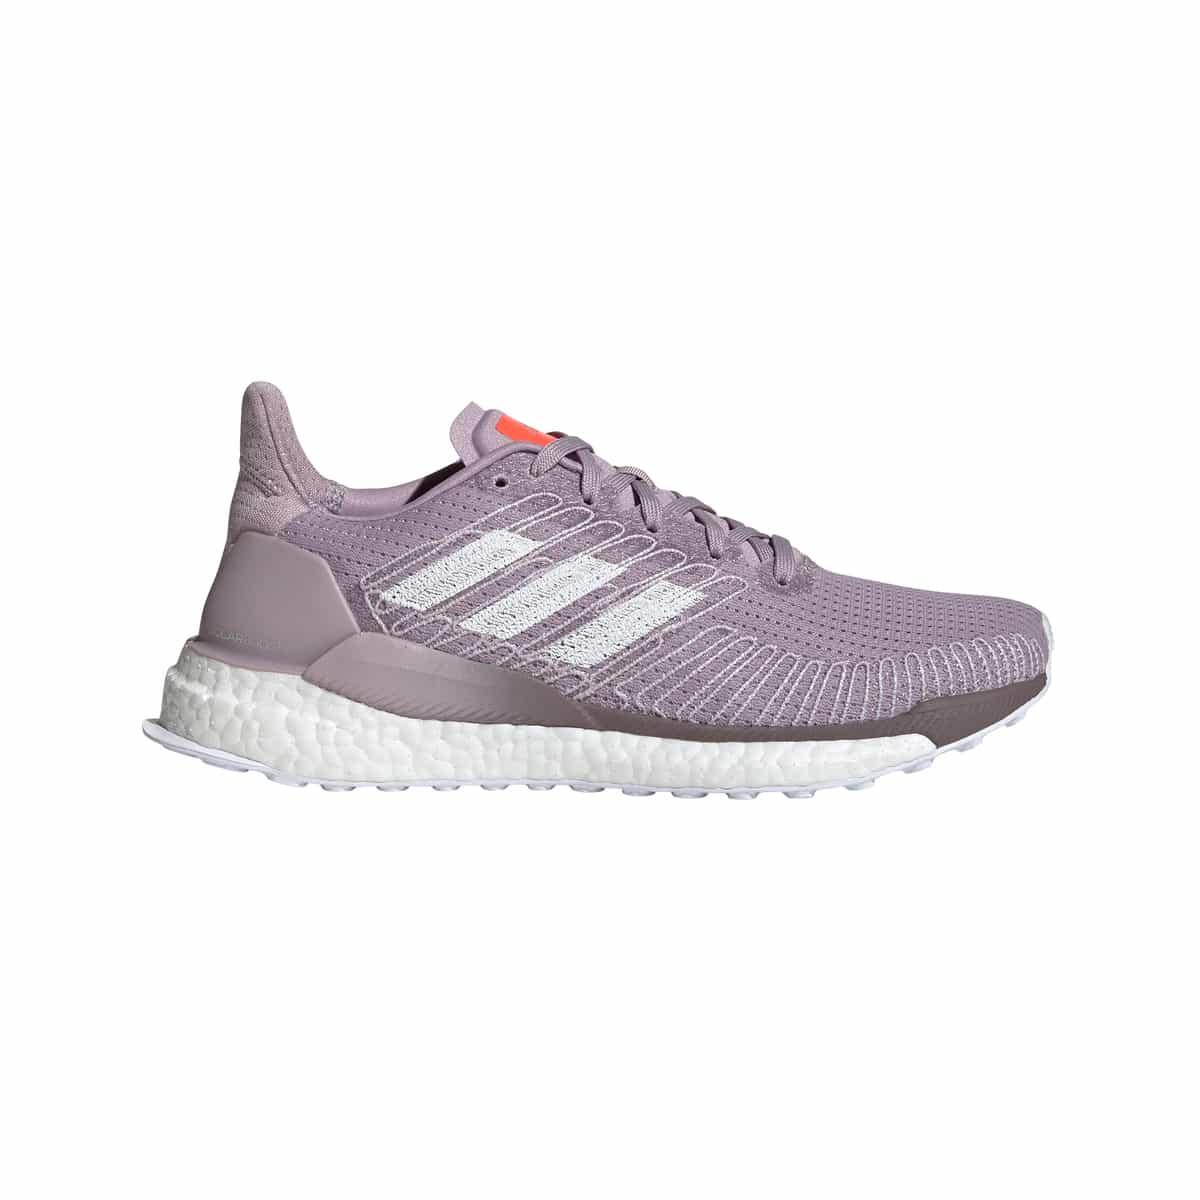 adidas sko dame treningstøy, sammenlign priser og kjøp på nett